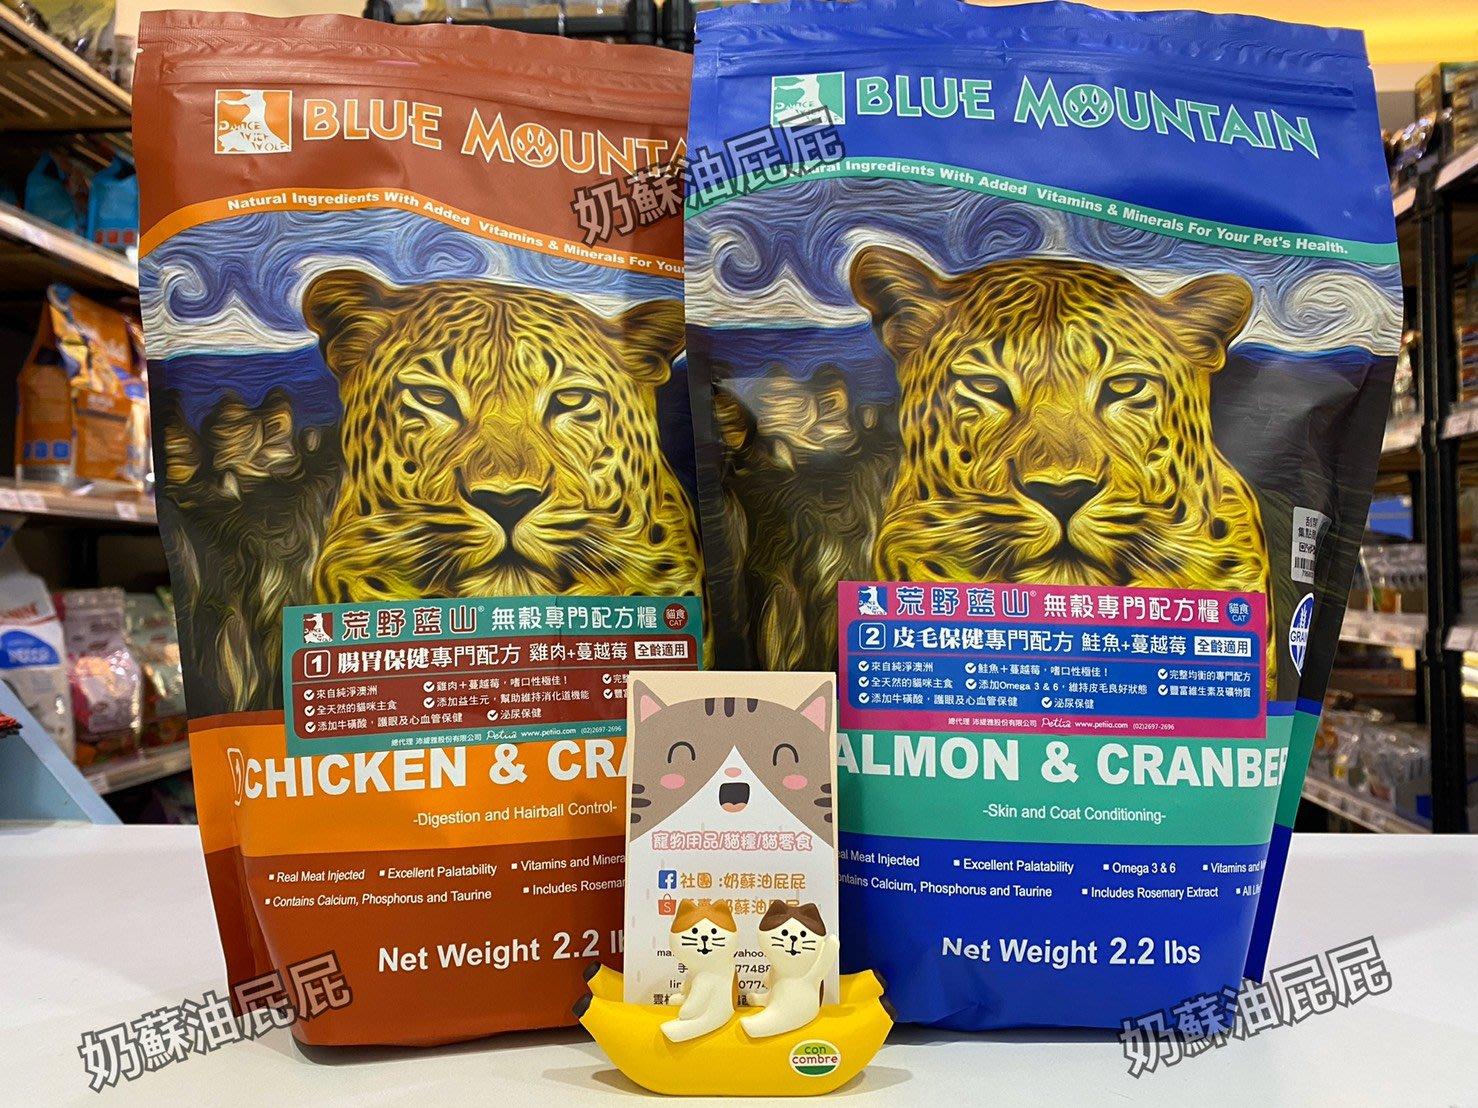 奶蘇油屁屁~荒野藍山 blue mountain 無穀專門配方糧 貓飼料/貓糧/無榖貓飼料 5.5磅